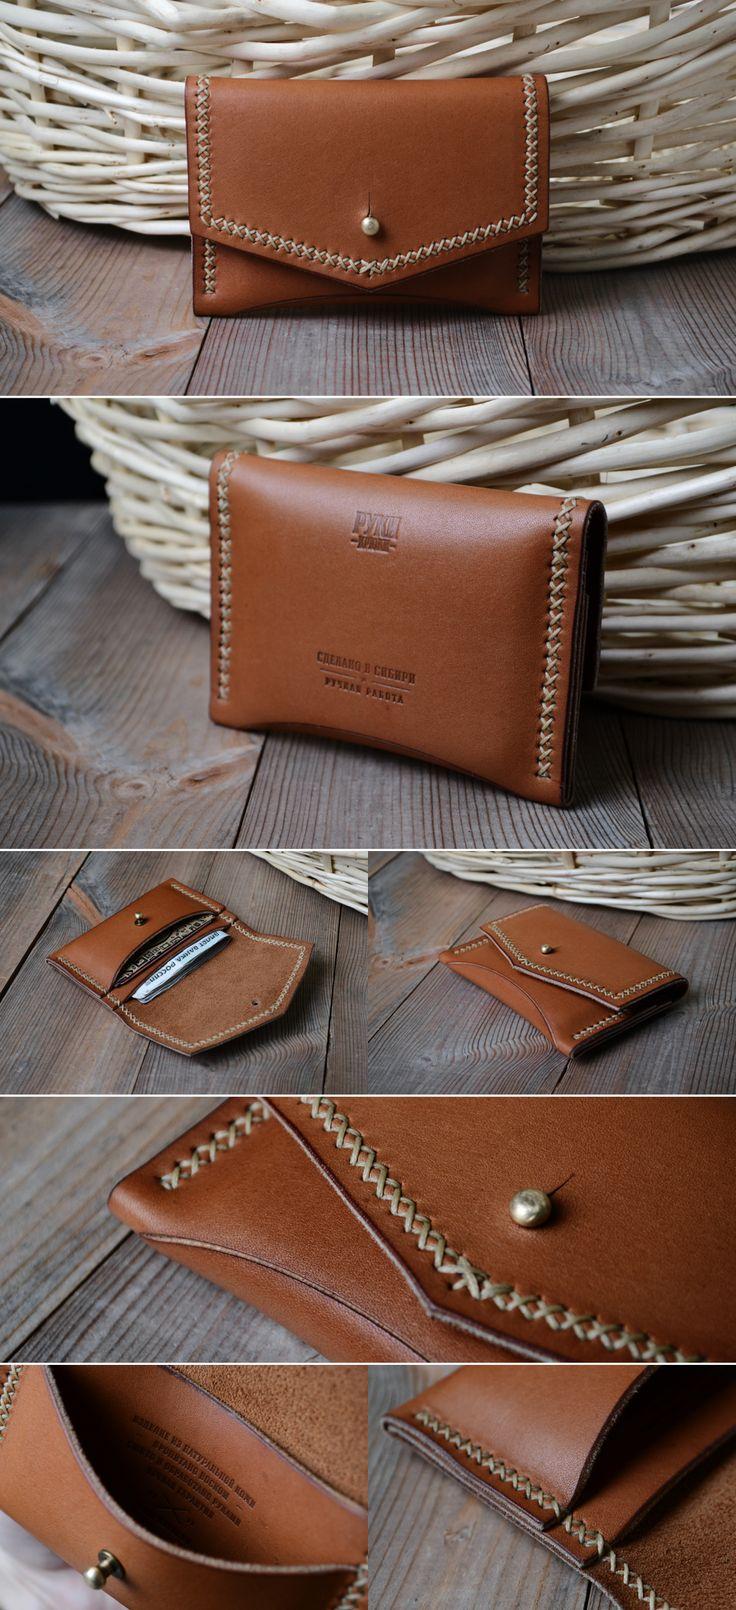 1000 Bilder Zu Leather Auf Pinterest Lederbrieftaschen Brieftaschen Und Handgefertigtes Aus Leder